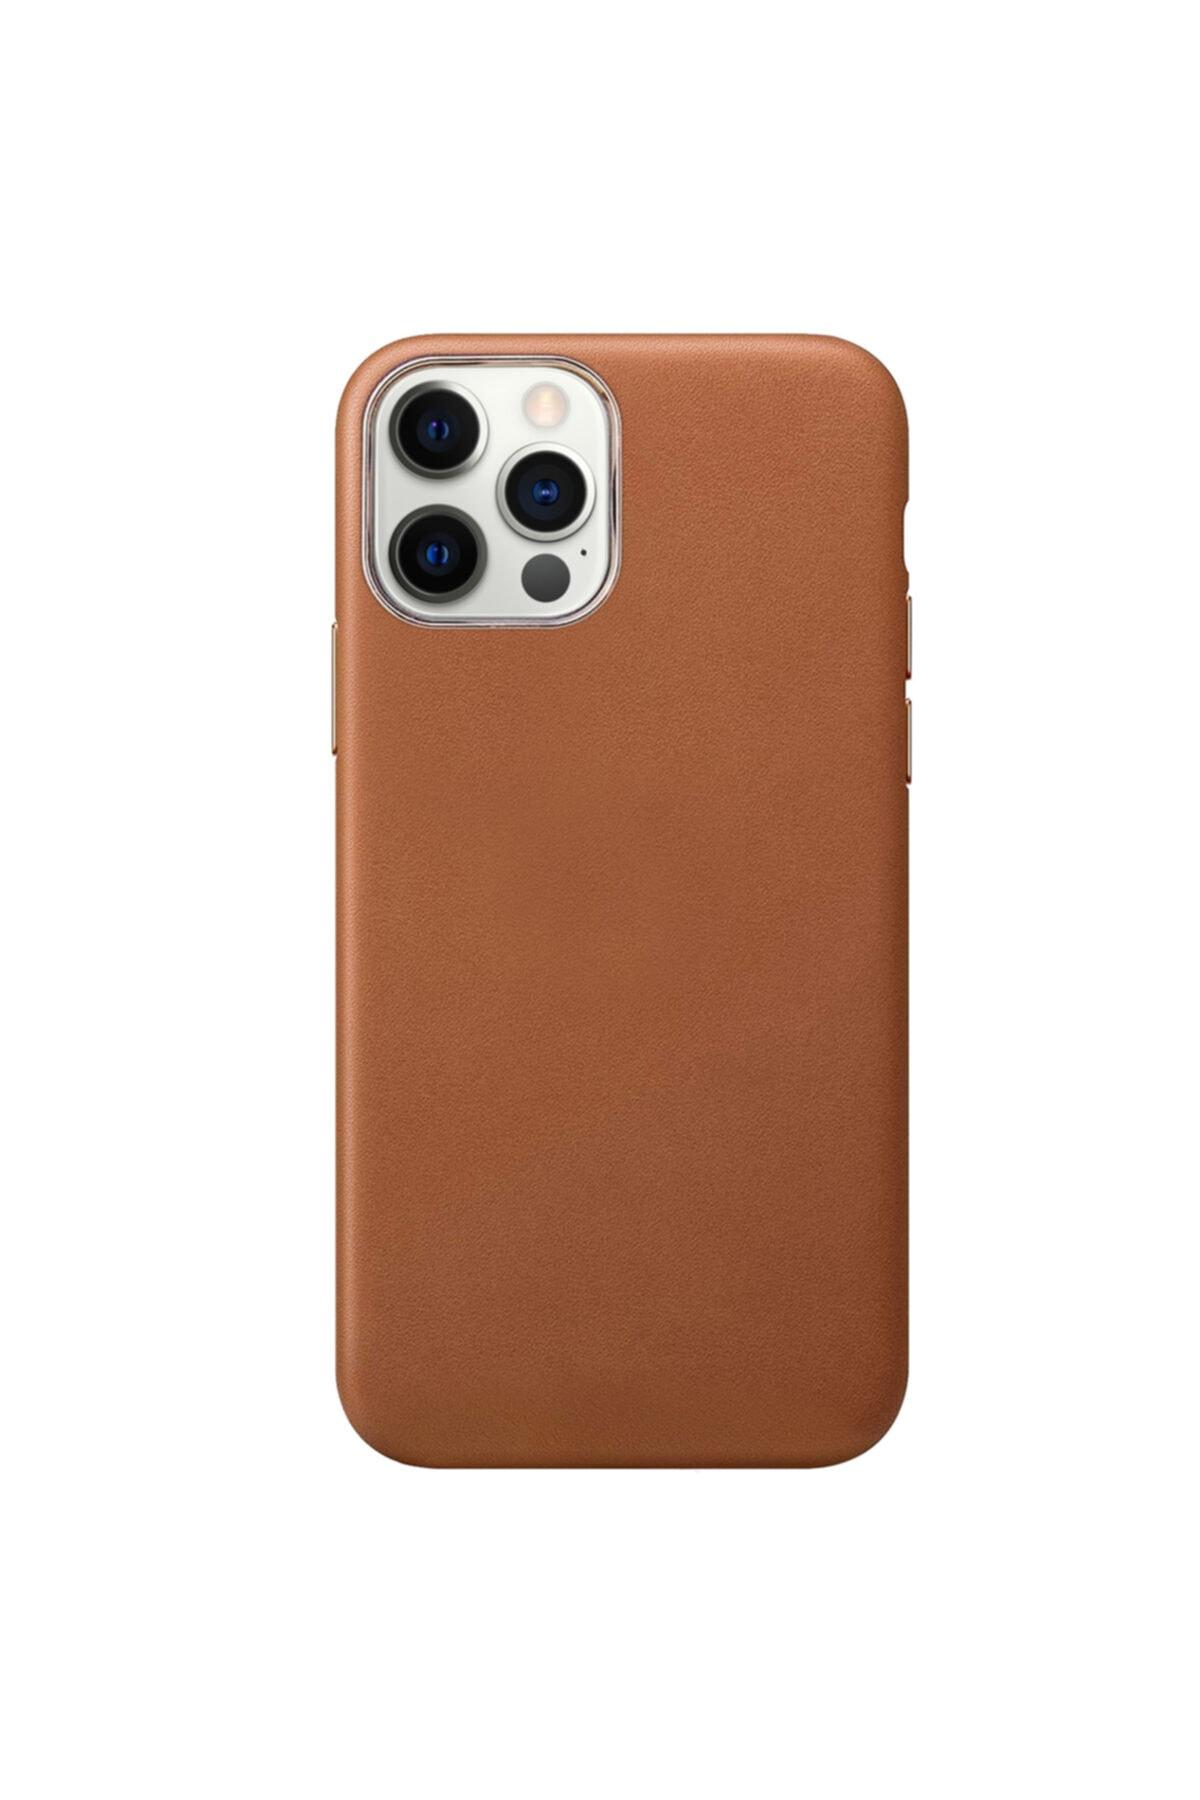 Microsonic Apple Iphone 12 Pro Max Kılıf Luxury Leather Kahverengi 2